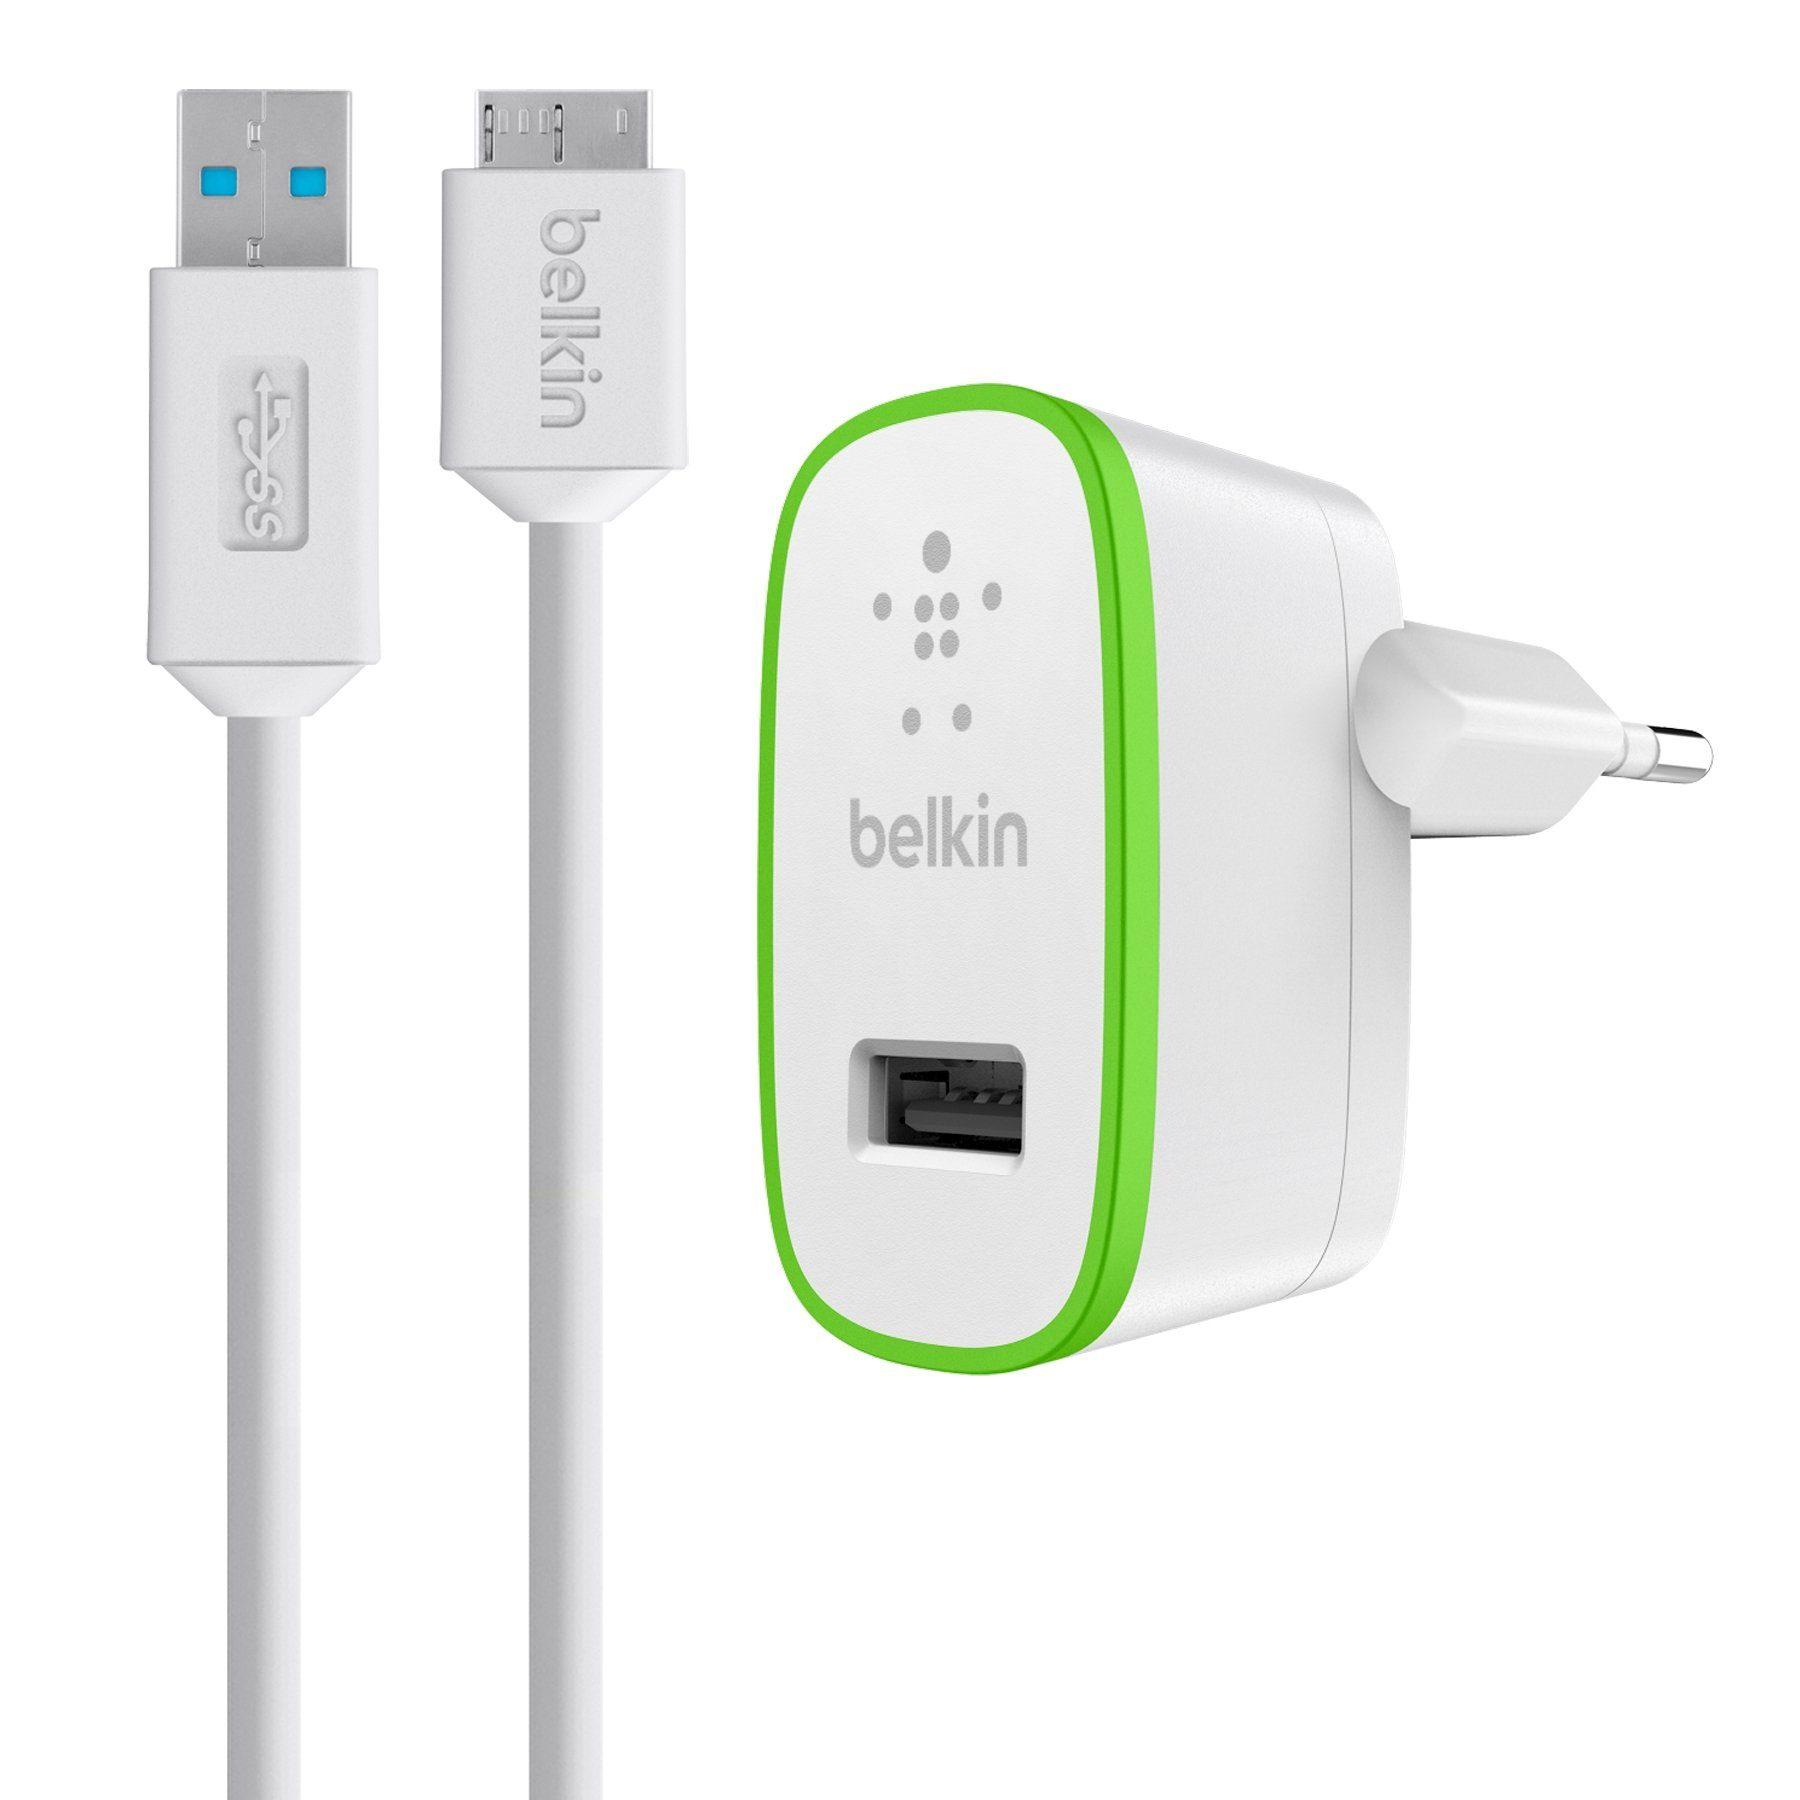 BELKIN Universal-Netzladegerät »Micro-USB-Sync-/Ladedekabel (10Watt/2, 1A)«